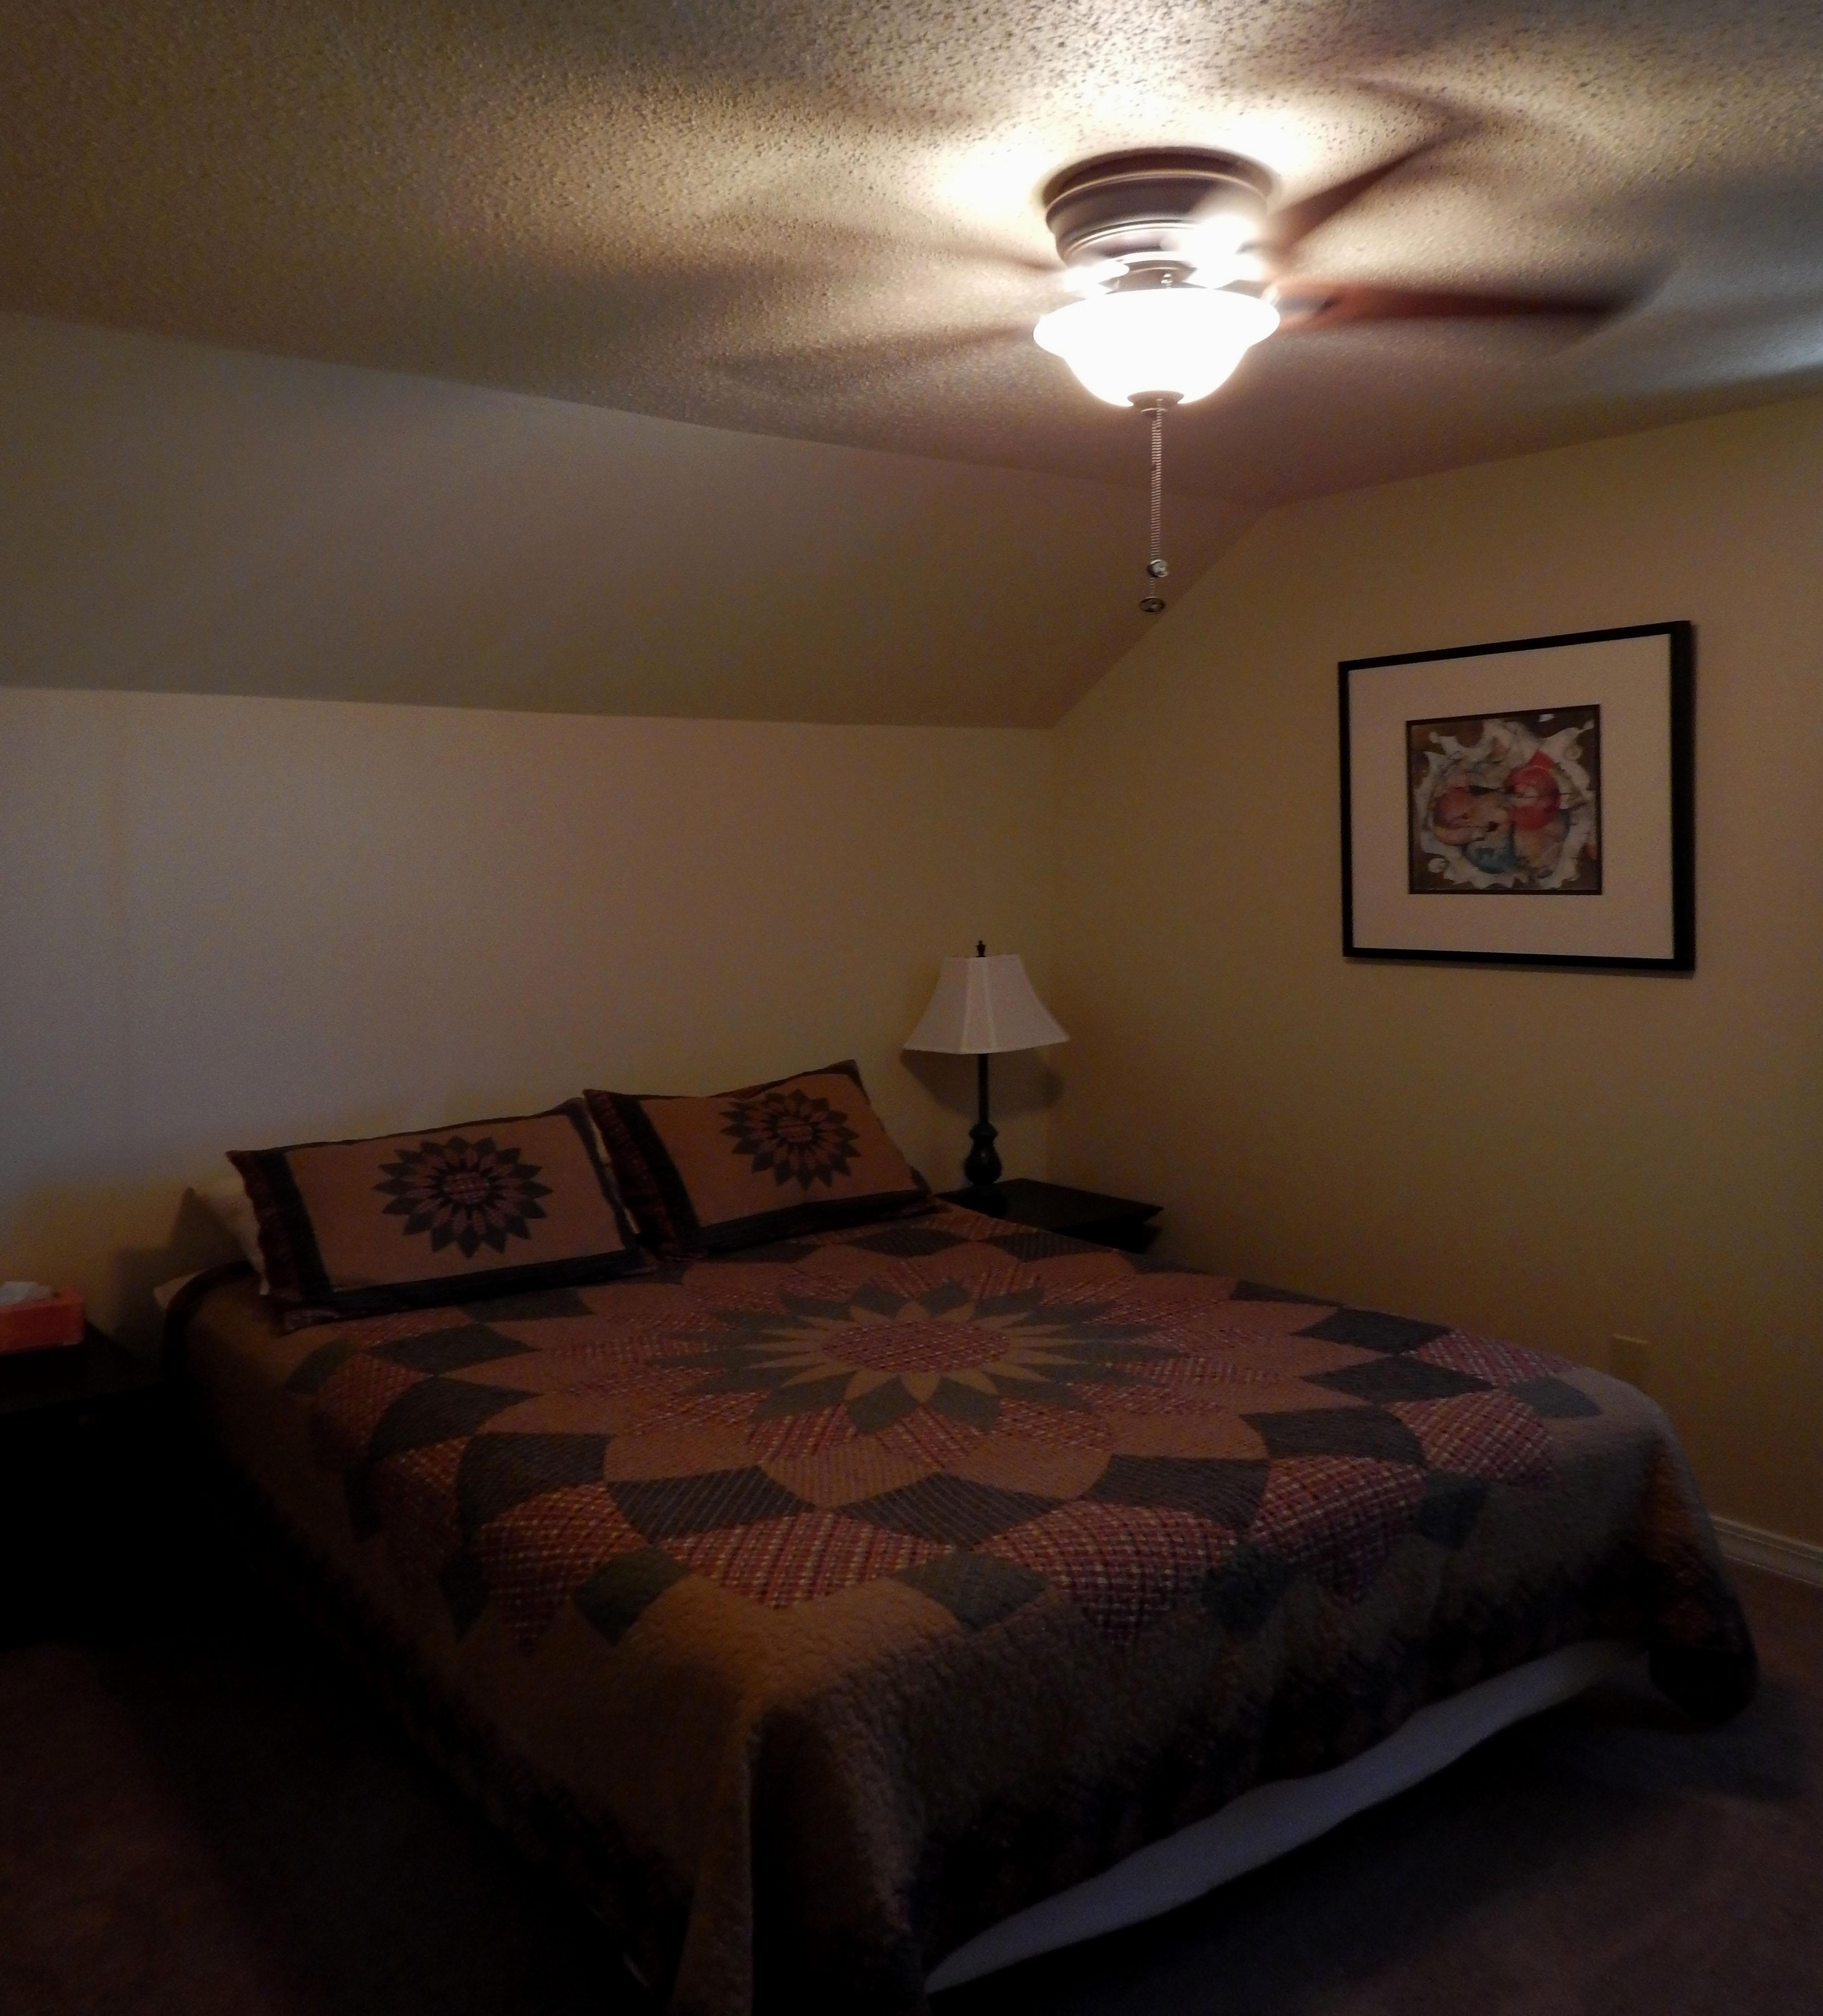 Bedroom East 09 04 15 003